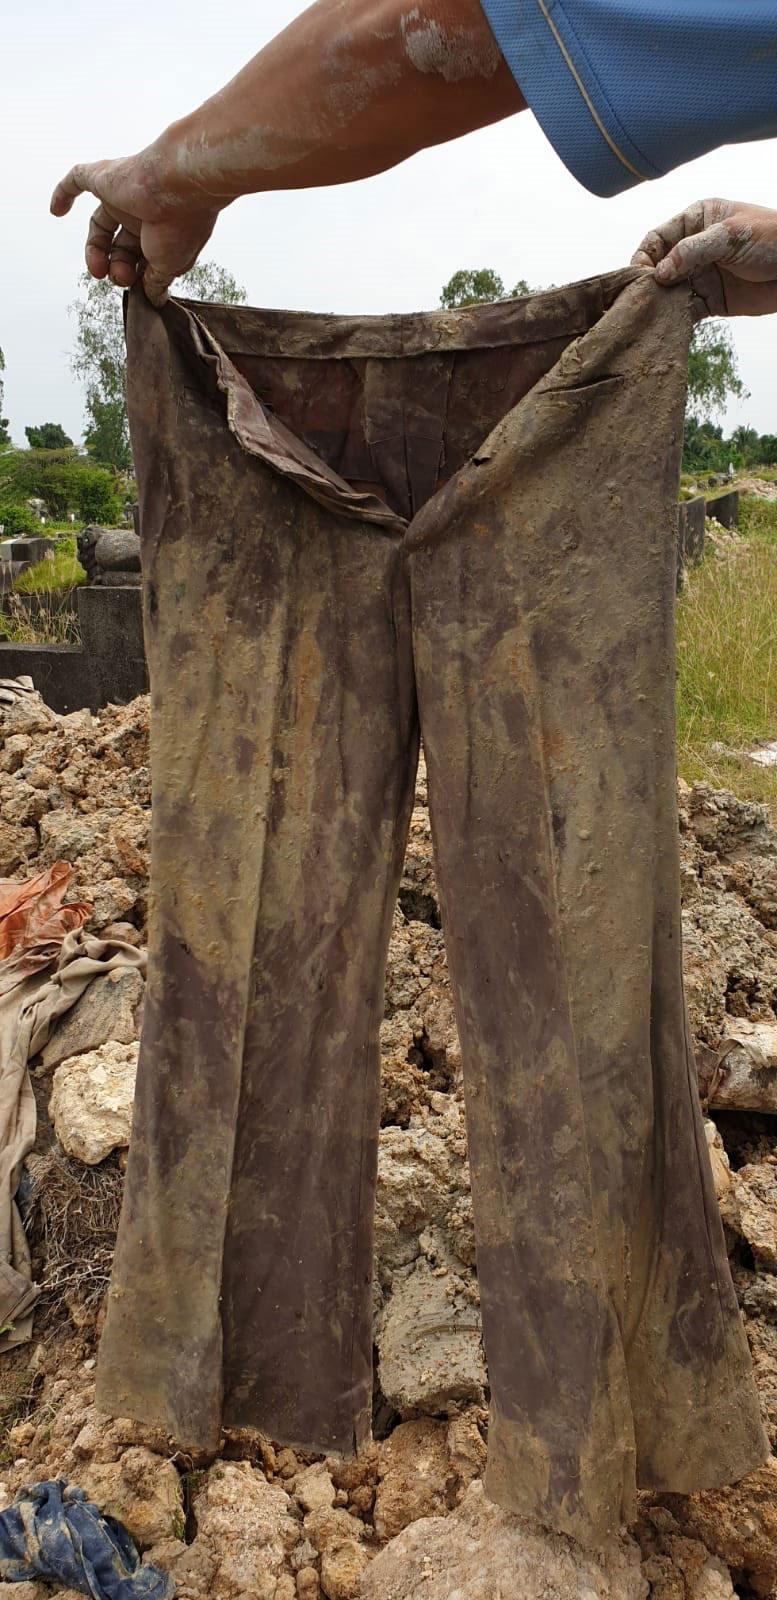 掘墓人从少女长眠的墓穴,挖出相信属于旁边墓穴男子的喇叭裤。